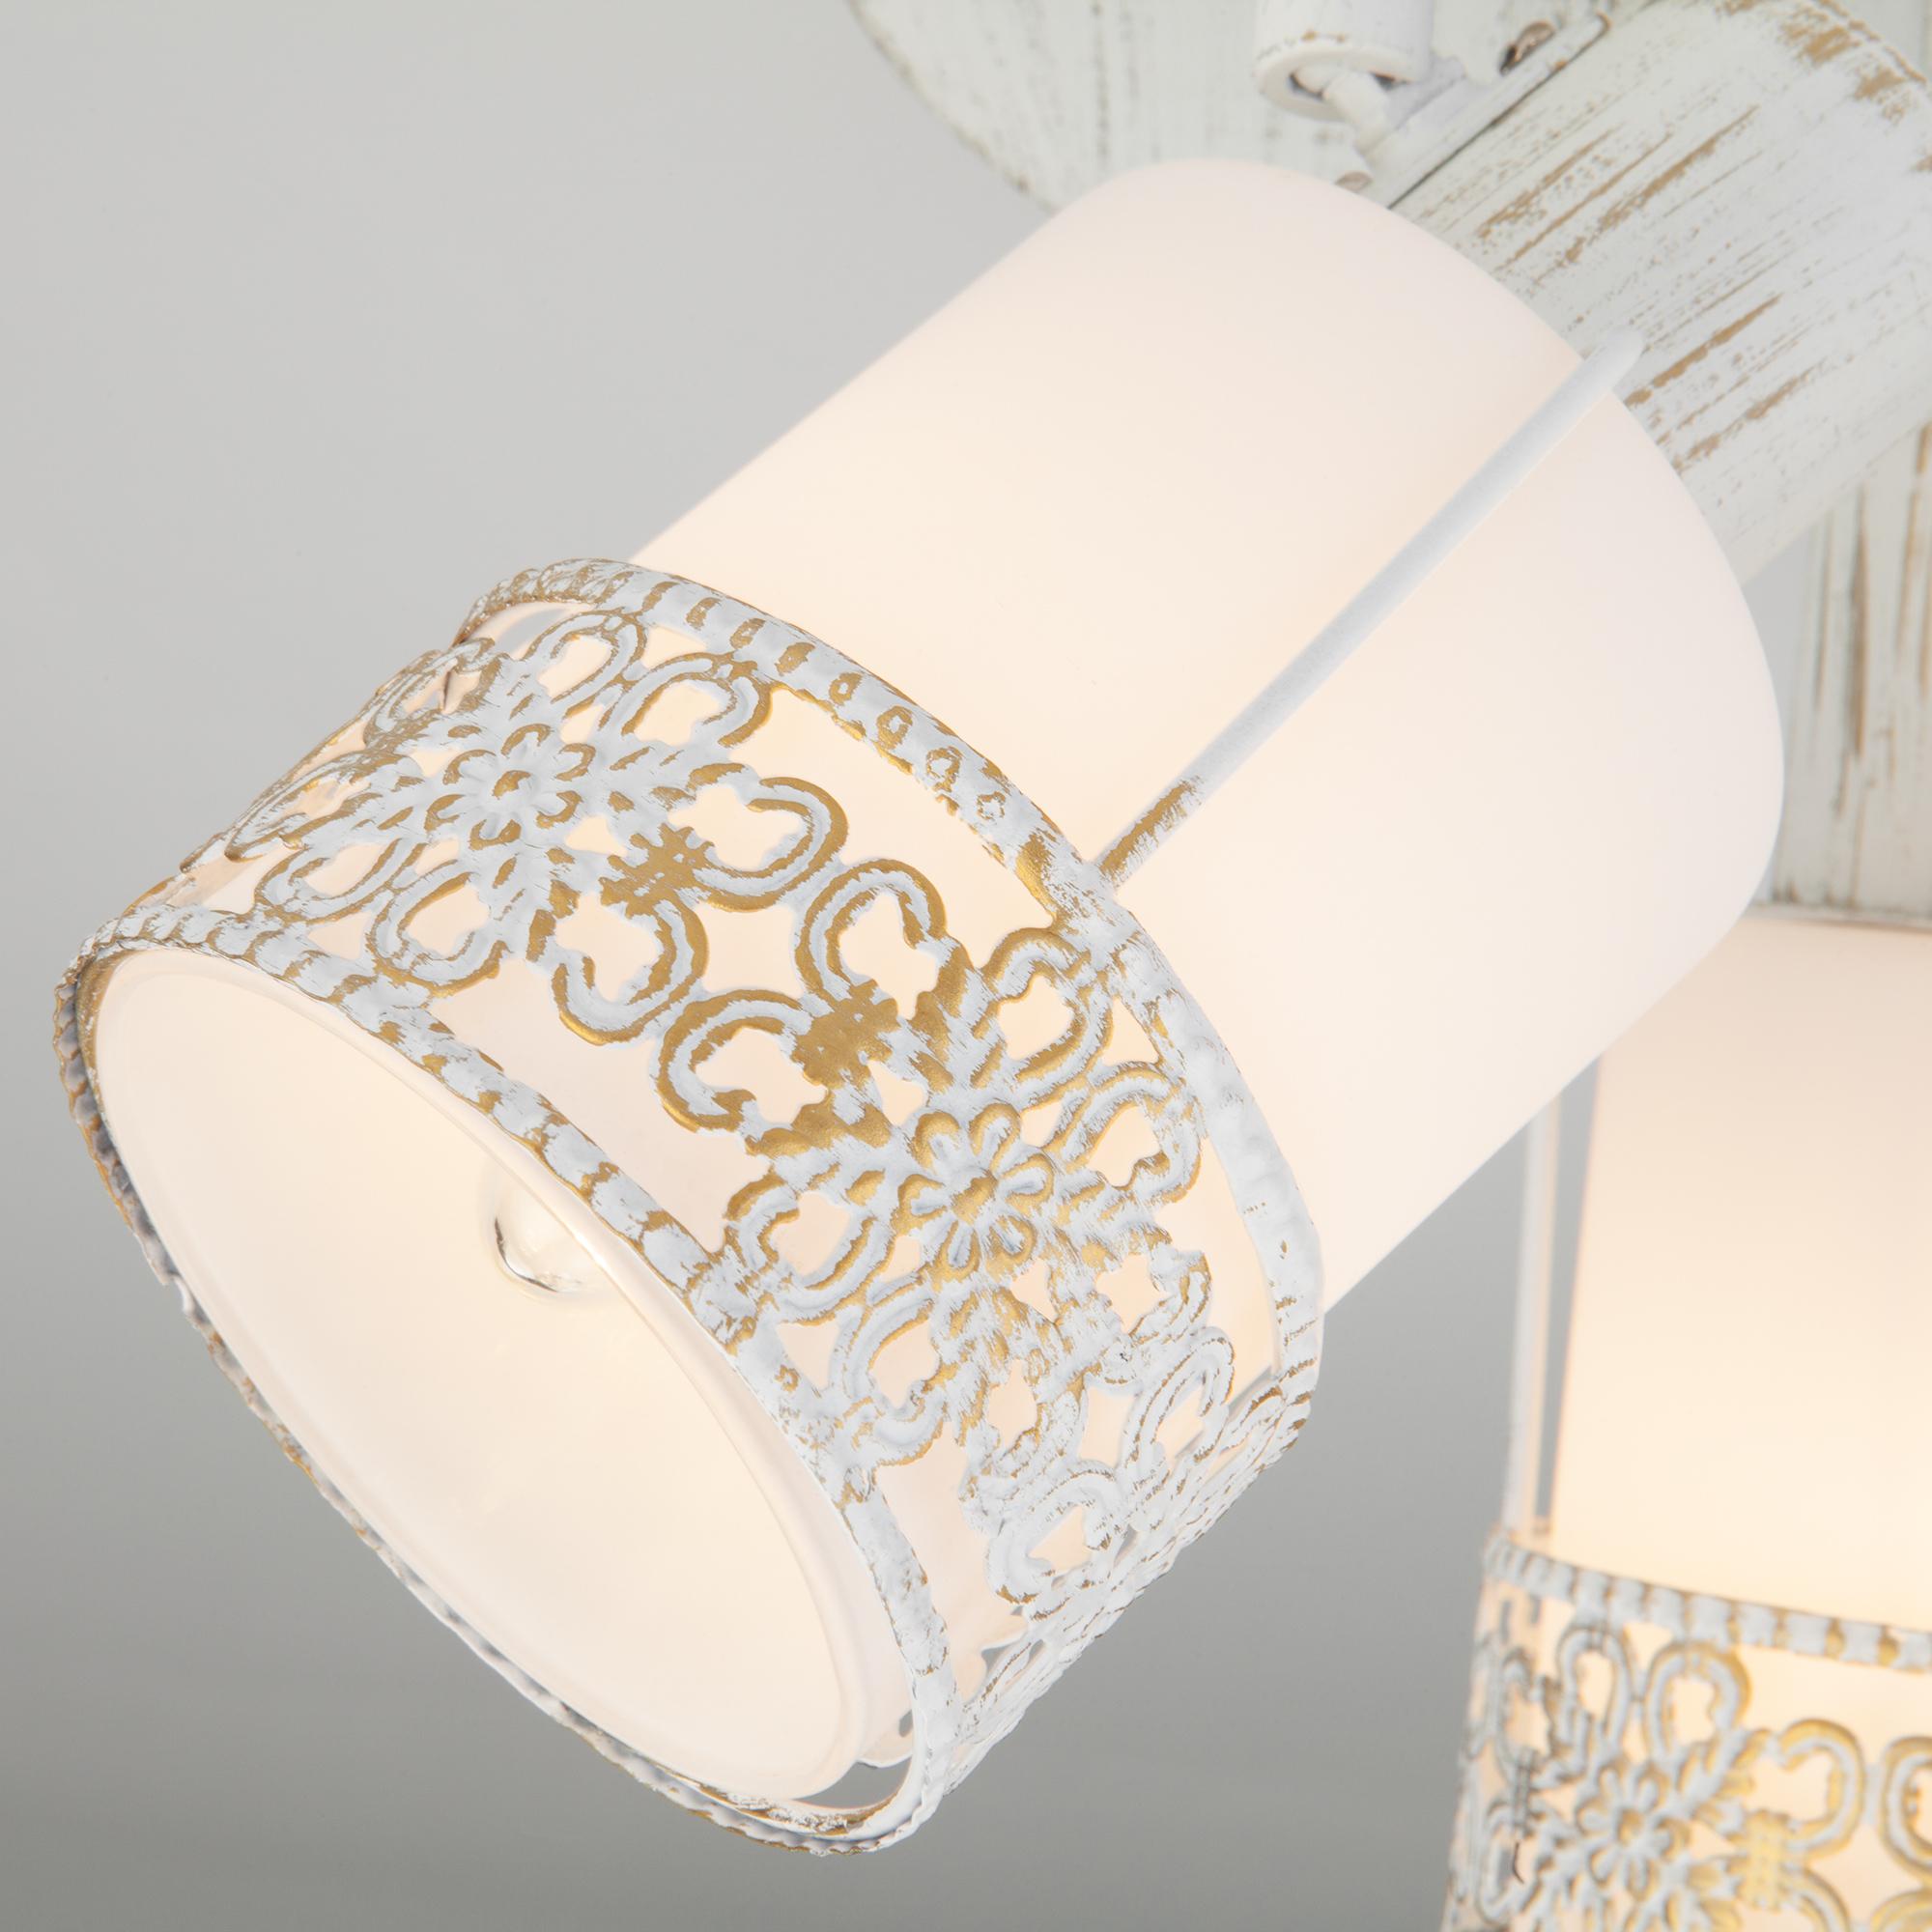 Потолочные светильники 4690389068928 Silvia Eurosvet